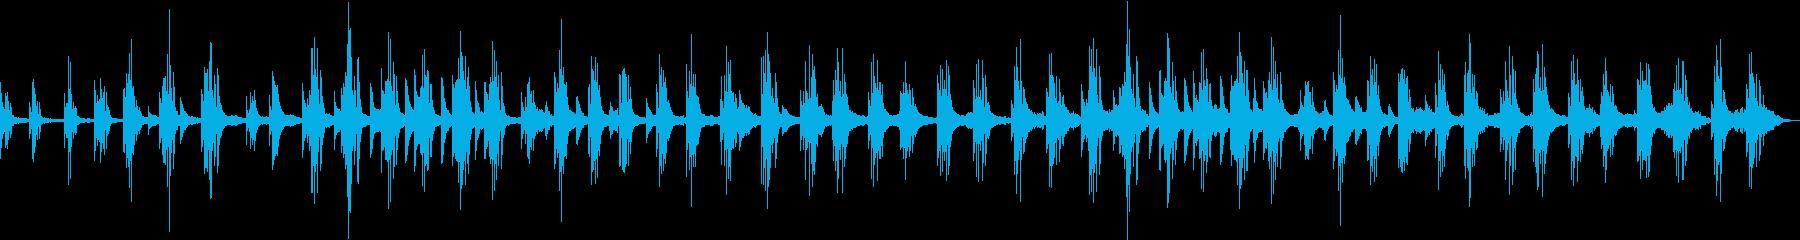 甘美で切ない透明なピアノアンビエントの再生済みの波形